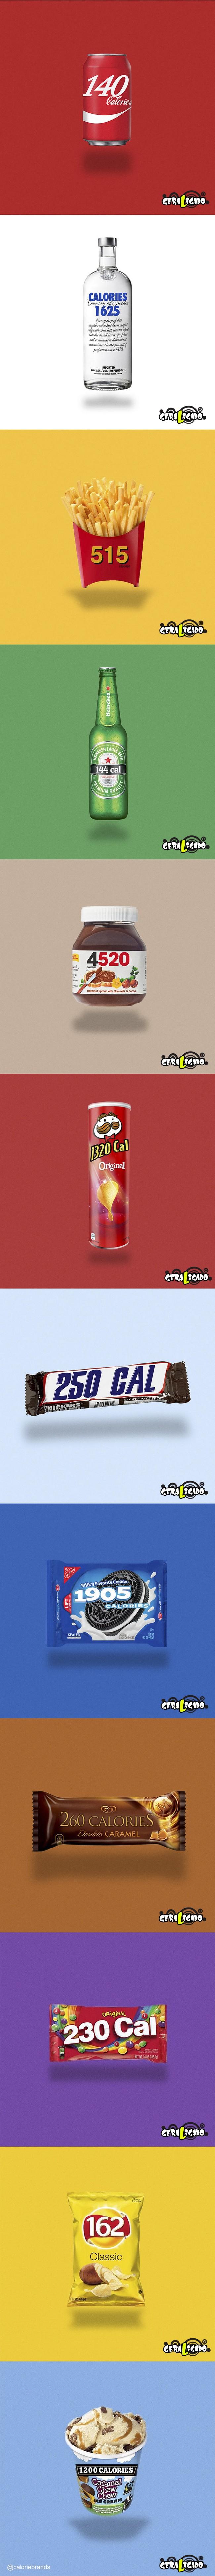 Como seria a logo de produtos famosos substituídas por suas calorias1